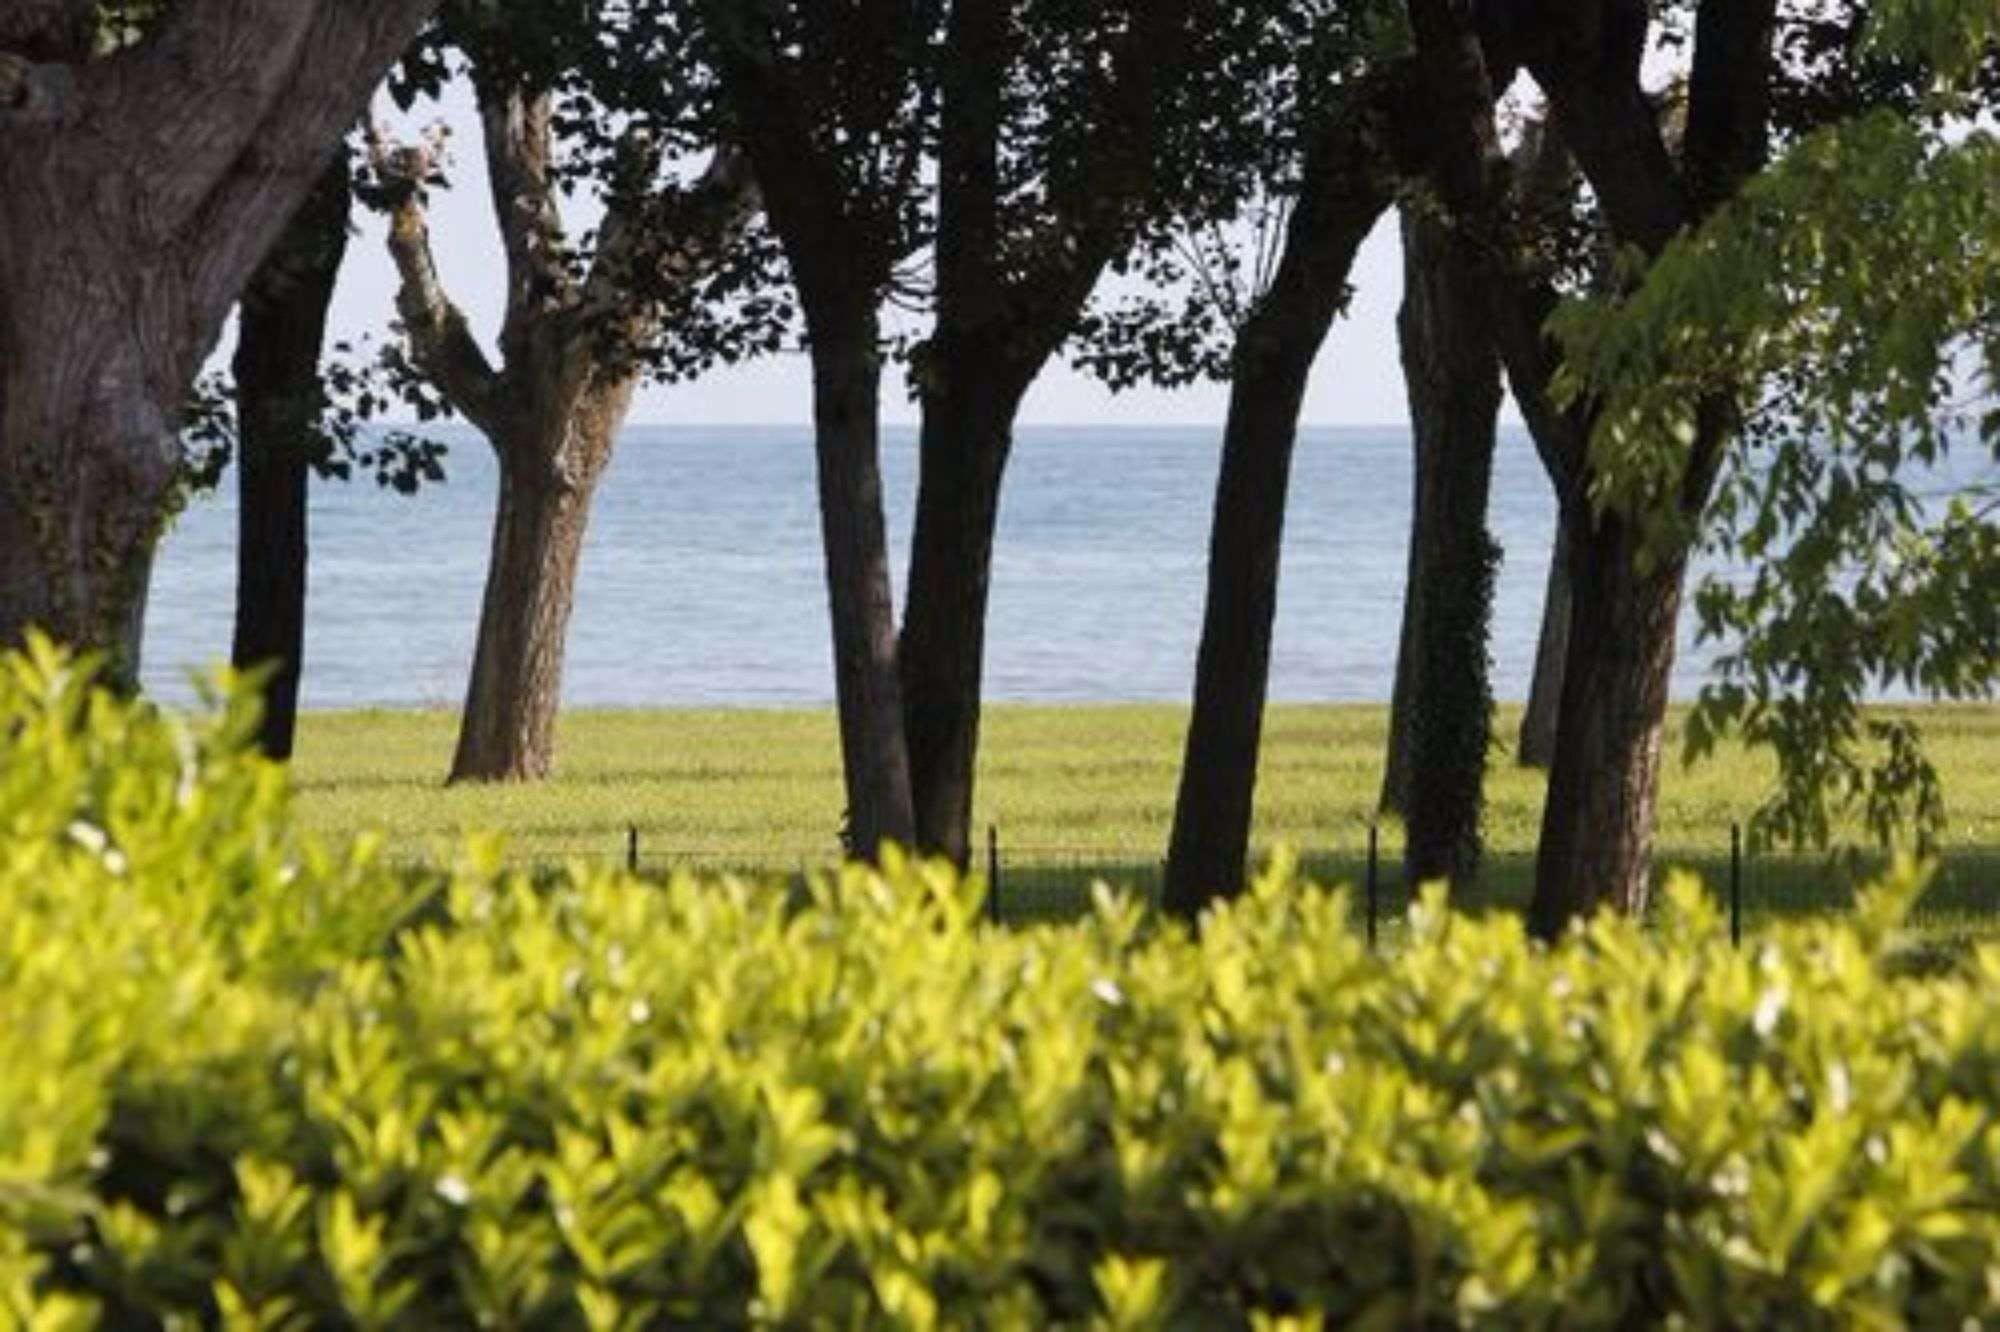 Villaggio Turistico Lugana Marina